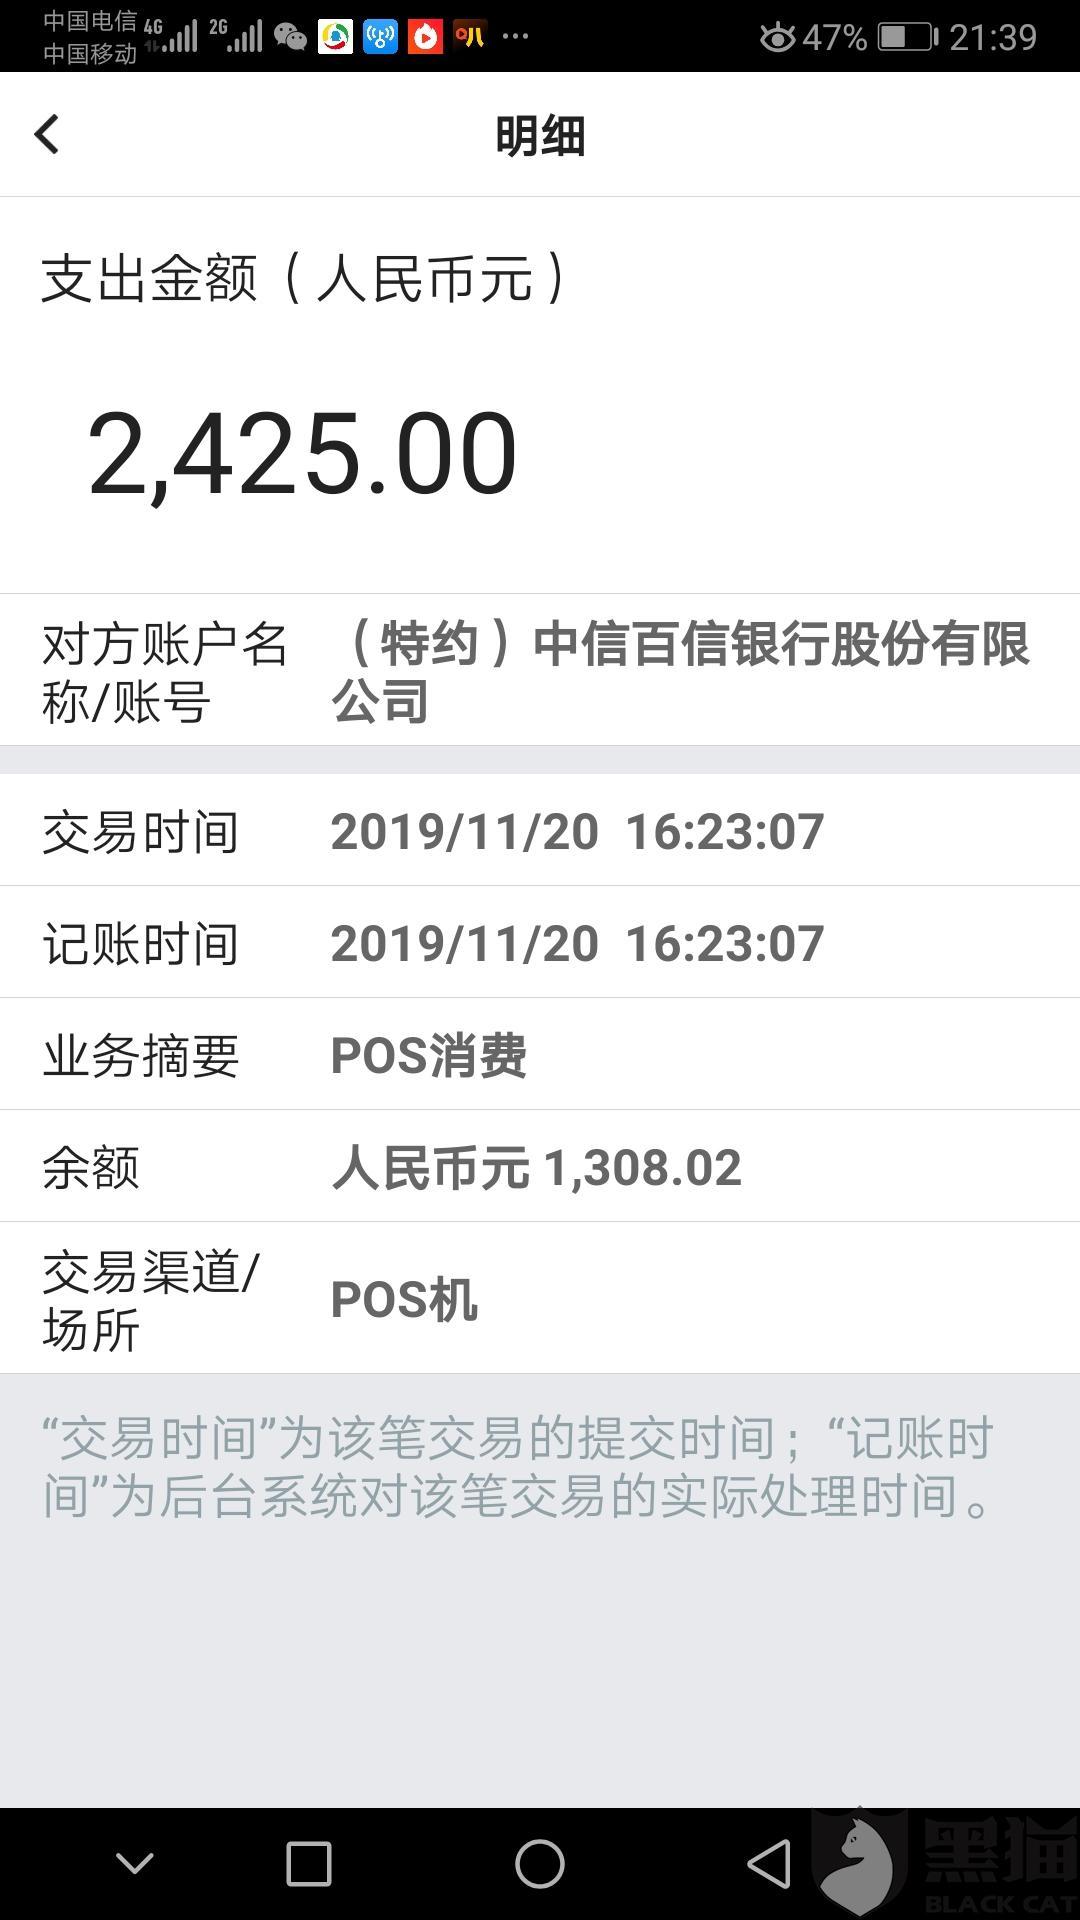 黑猫投诉:中信百信银行股份有限公司POS机